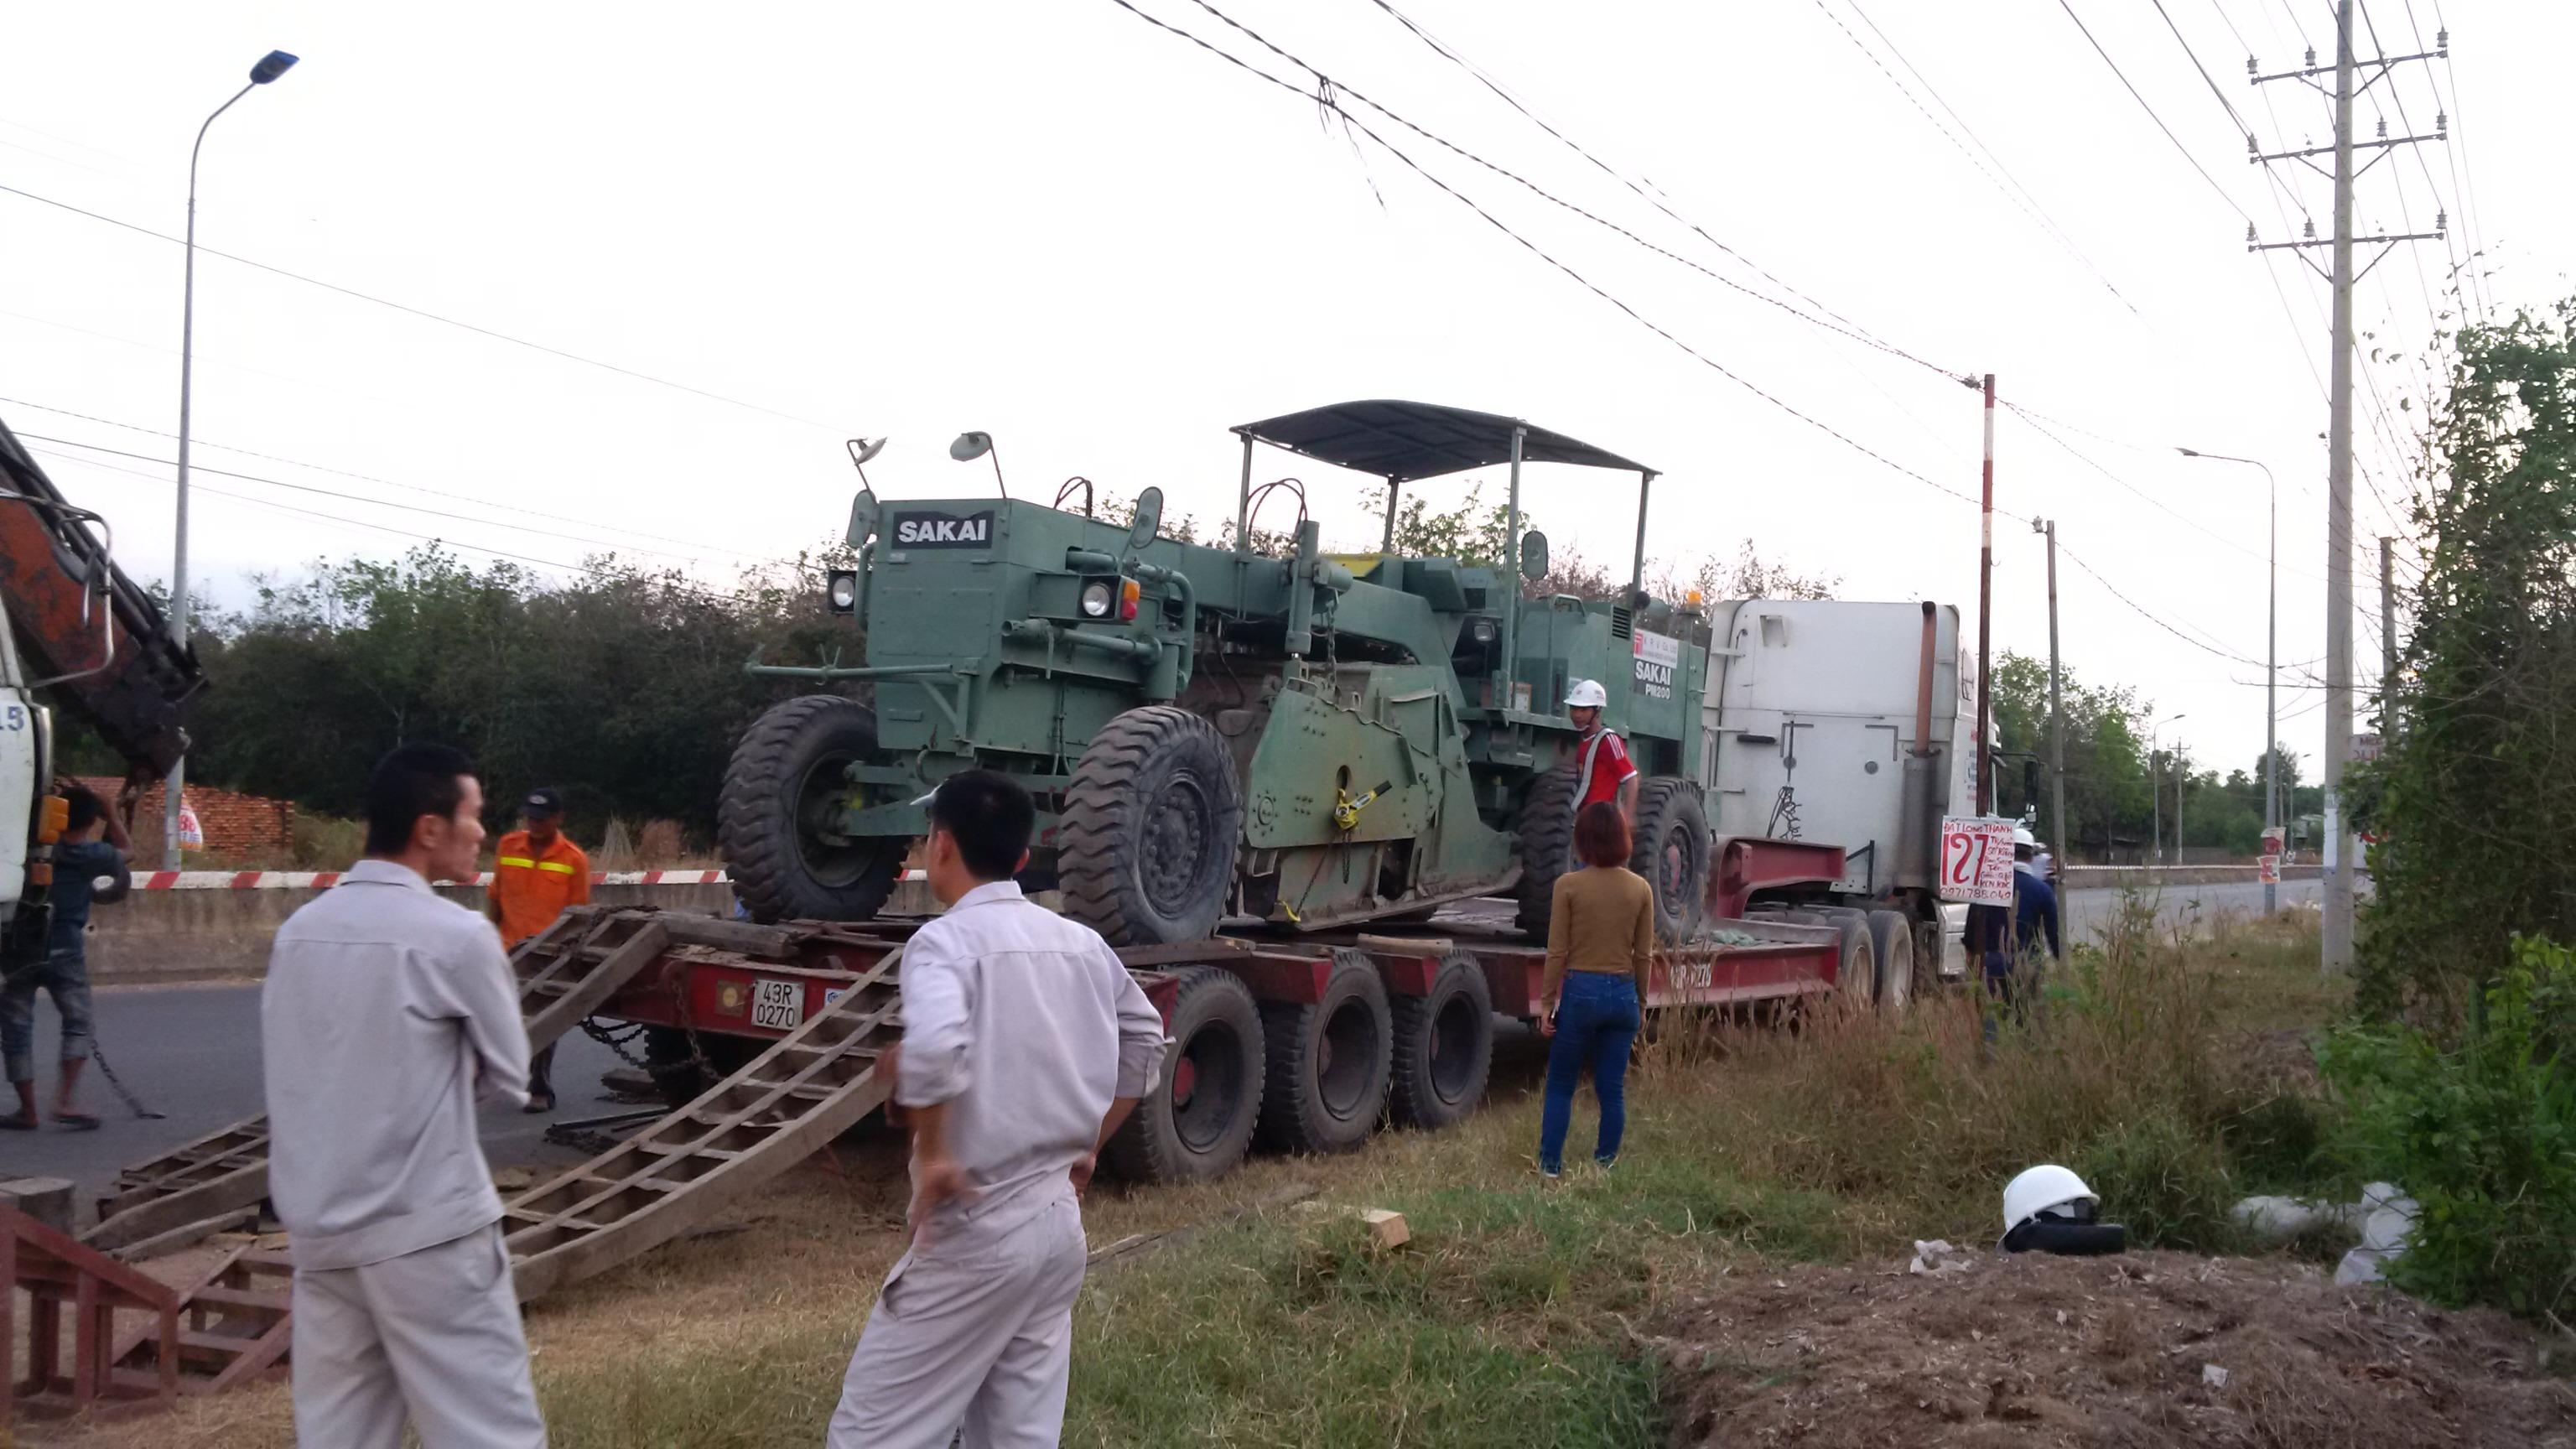 Vận chuyển máy móc sang xiang khouang